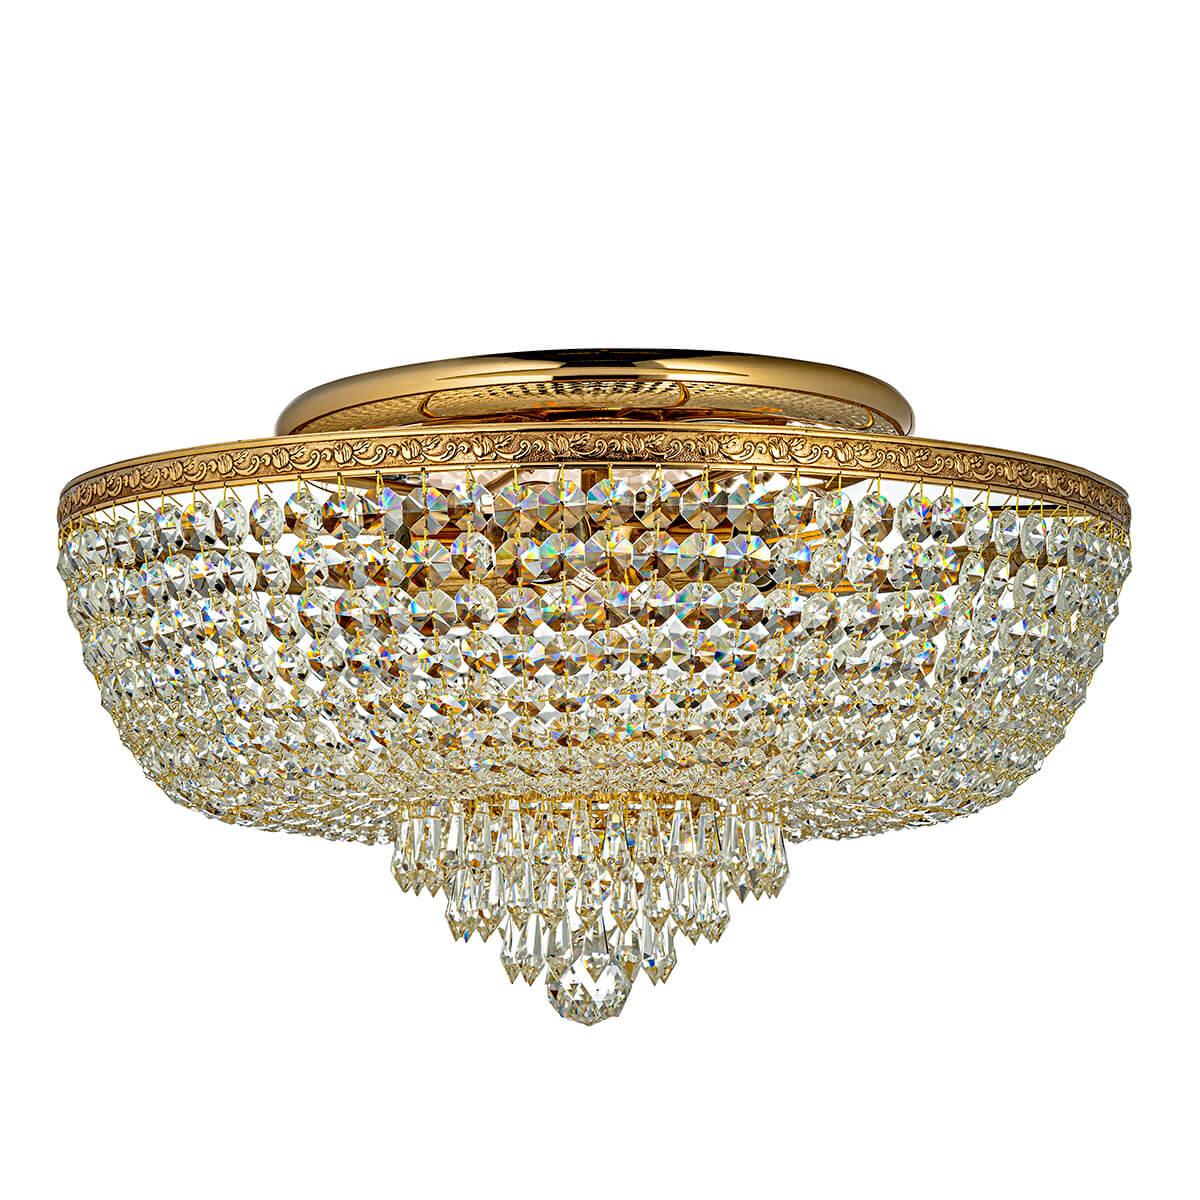 Потолочный светильник Arti Lampadari Nonna LE 1.2.50.503 G цена и фото